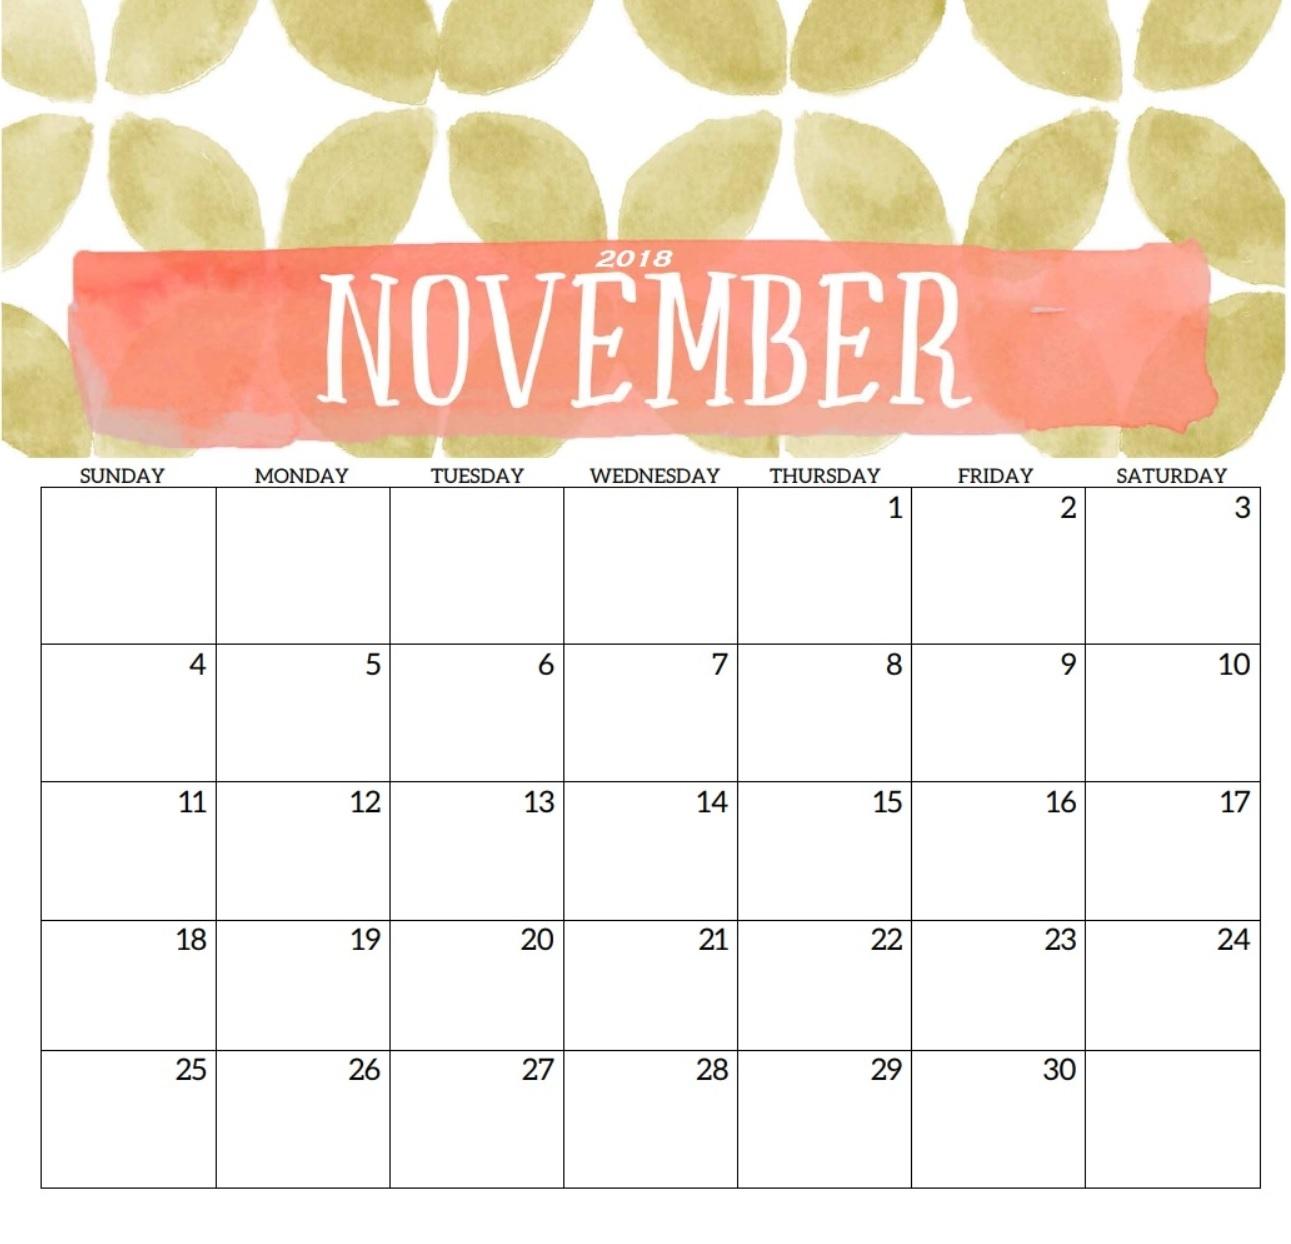 november 2018 printable calendar templates november 2018 calendar::November 2018 Calendar Printable Template